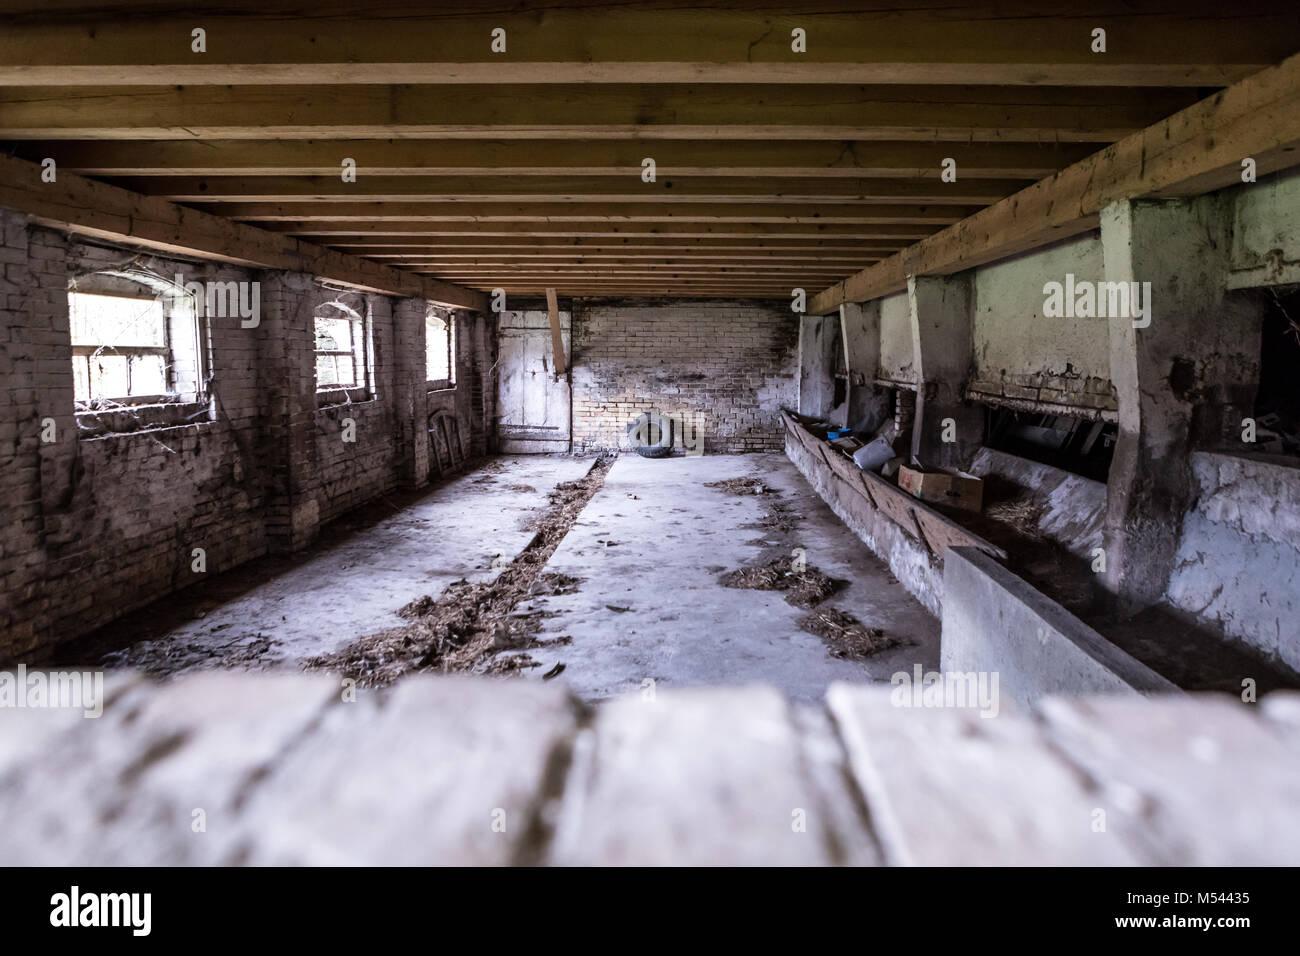 Leeren Stall - verlorene Ort Stockbild